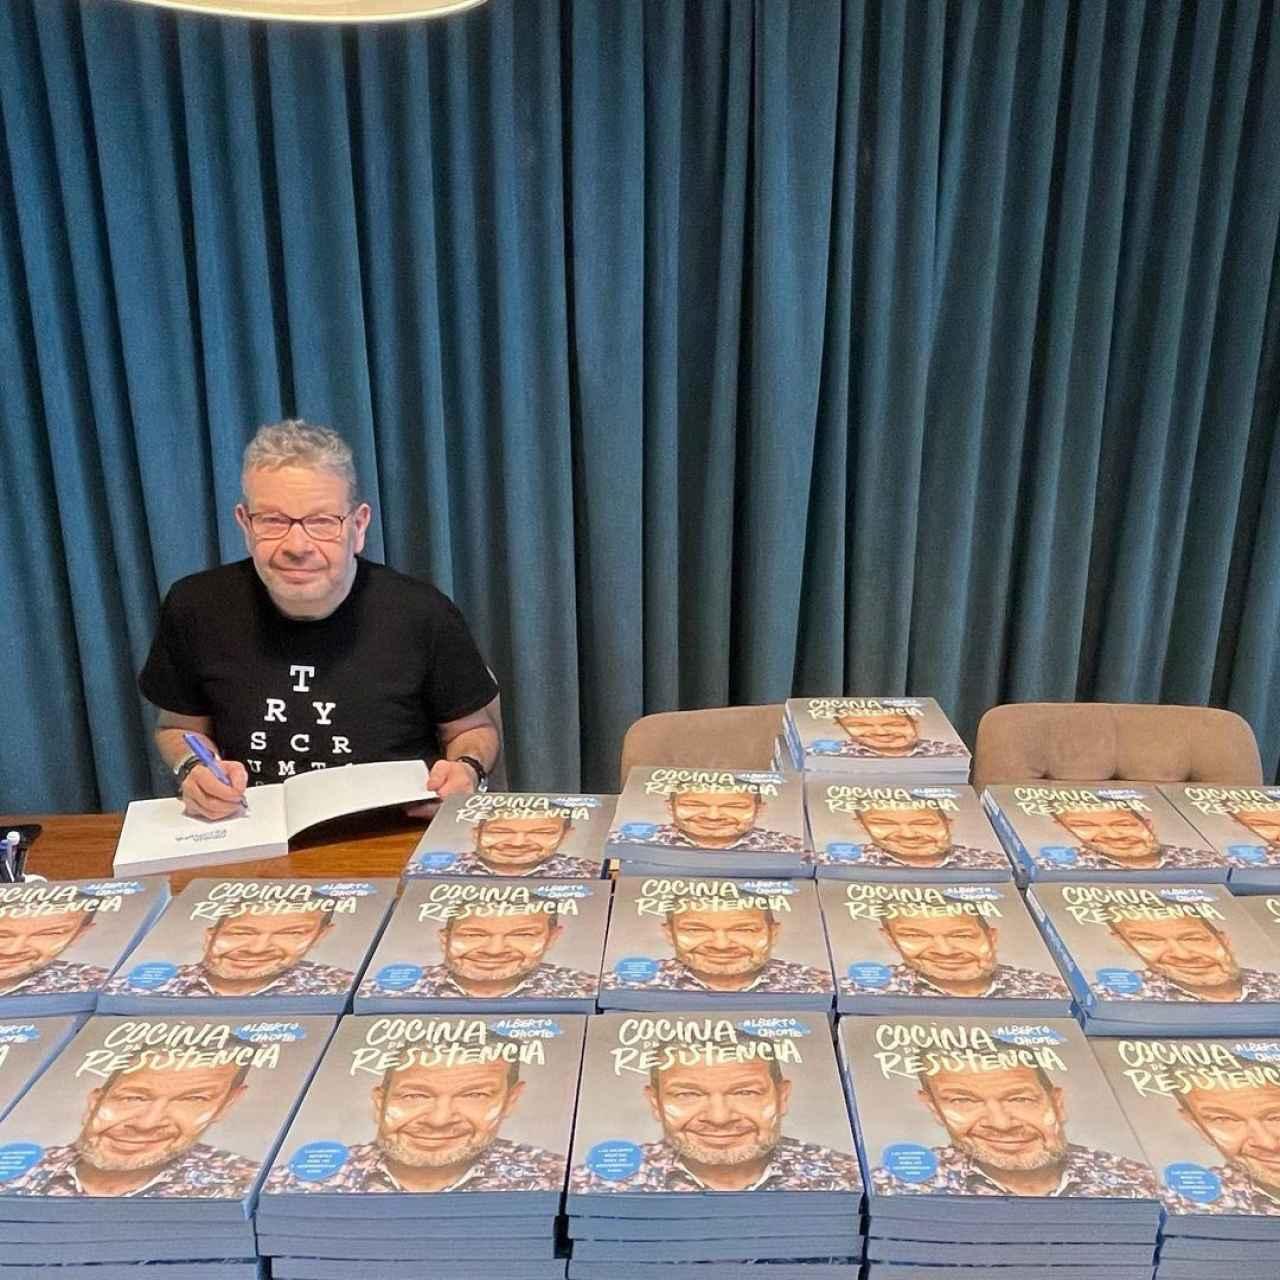 Aberto Chicote firmando ejemplares de su libro.